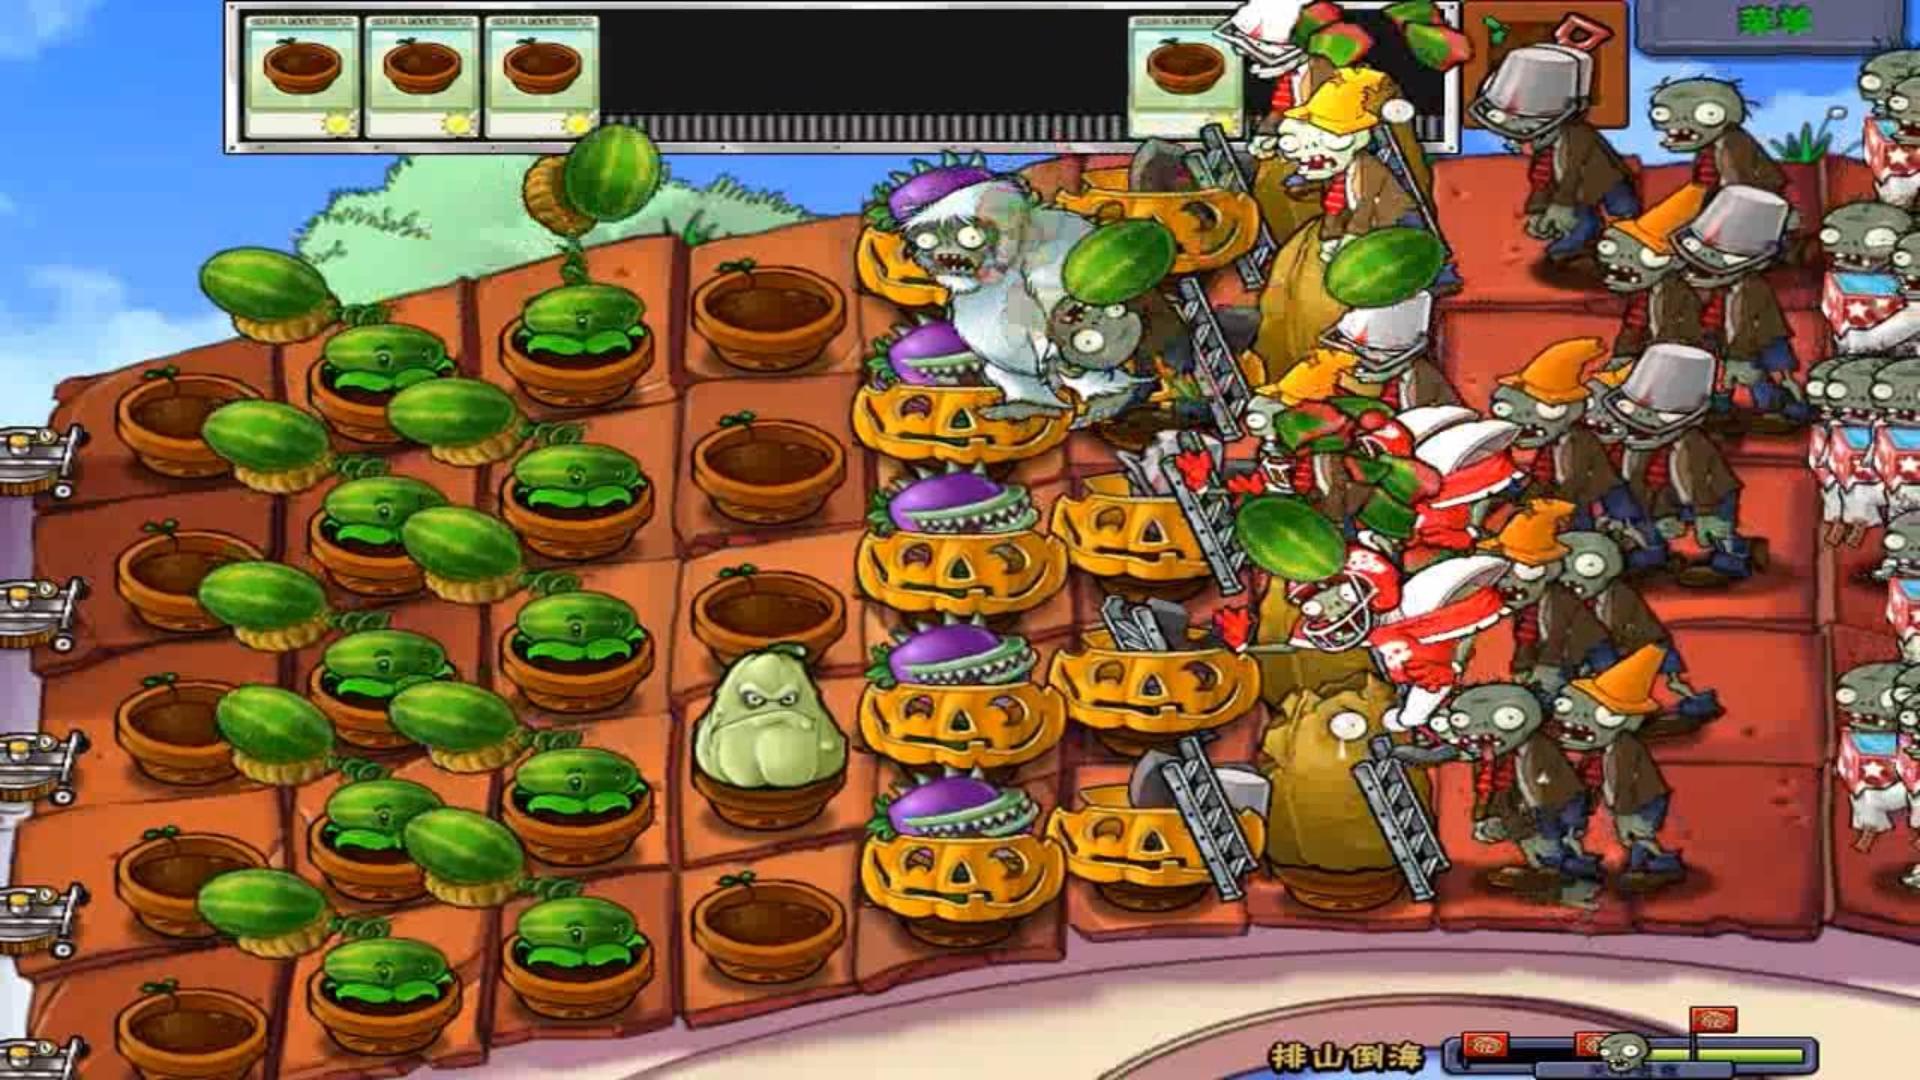 植物大战僵尸:beta版试水之旅,没想到玉米投手也能投出加农炮